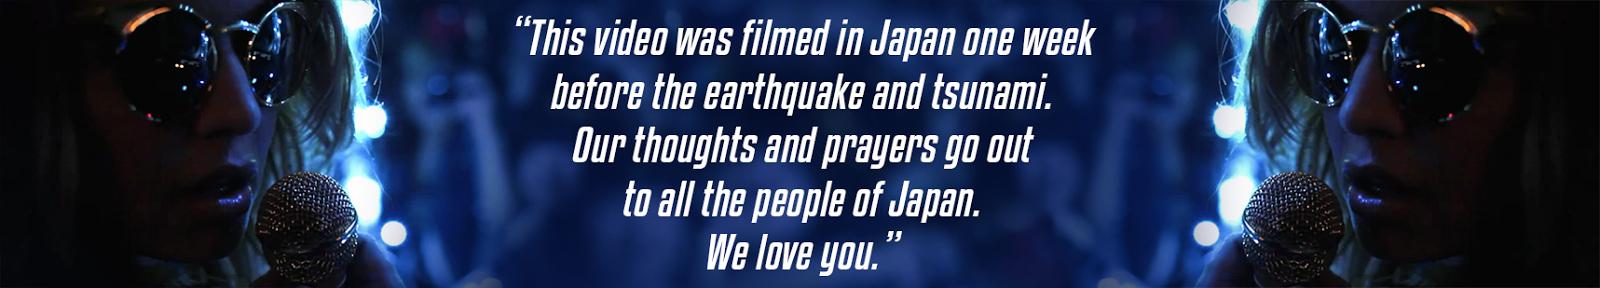 Este vídeo foi filmado no Japão uma semana antes do terremoto e do tsunami. Nossos pensamentos e orações vão para a todas as pessoas do Japão. Nós te amamos.